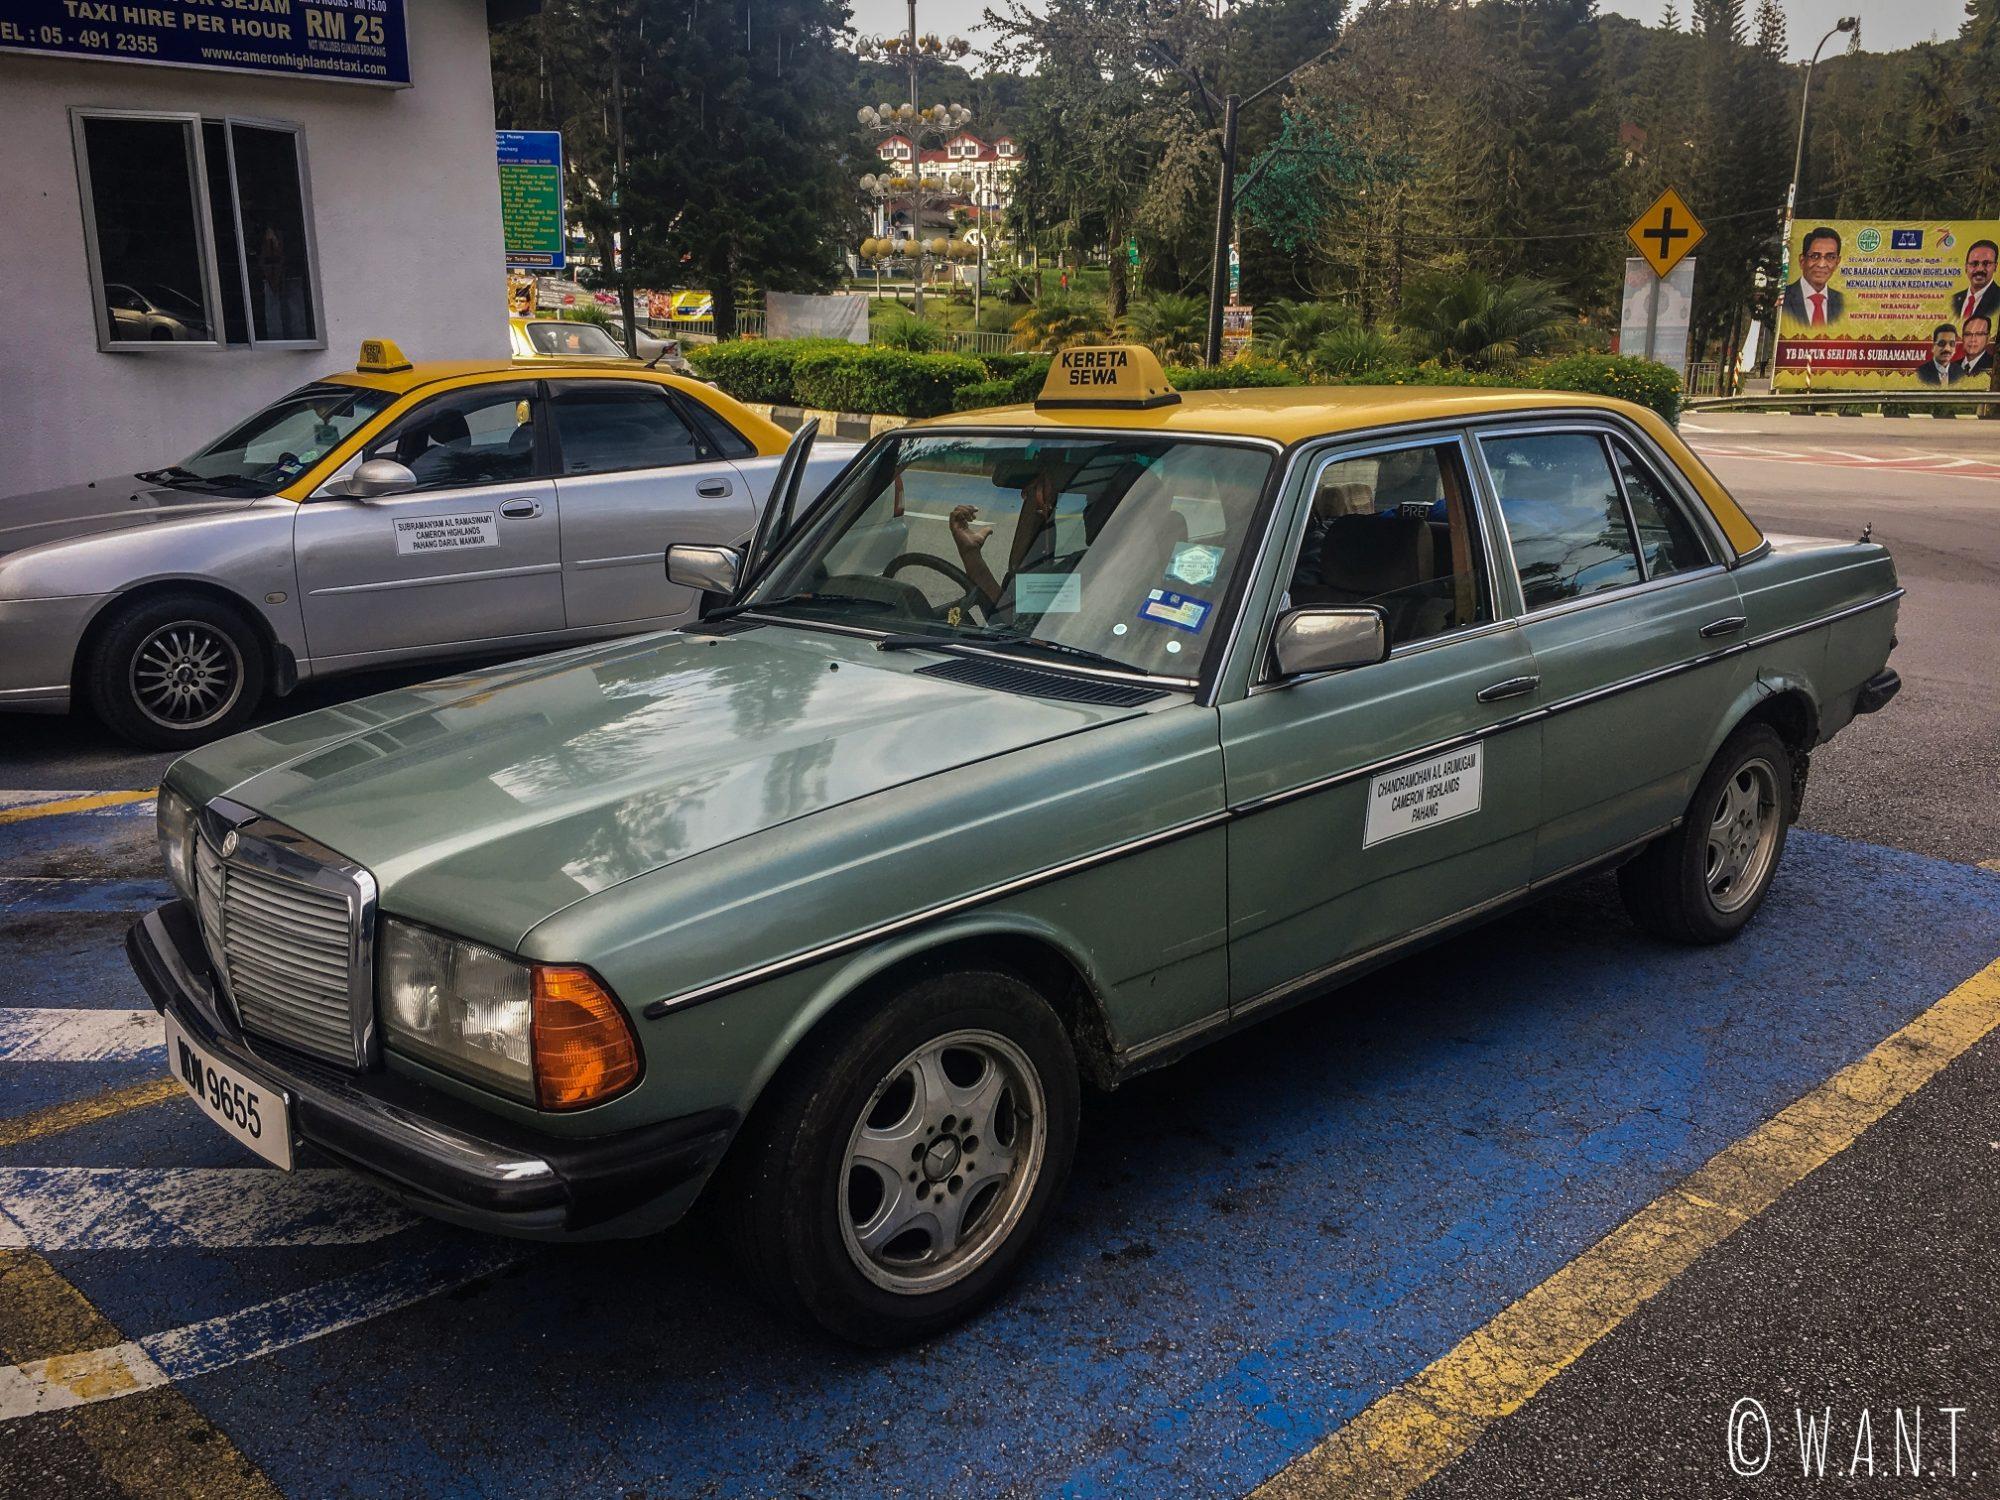 Notre superbe taxi nous conduisant de Tanah Rata à Brinchang